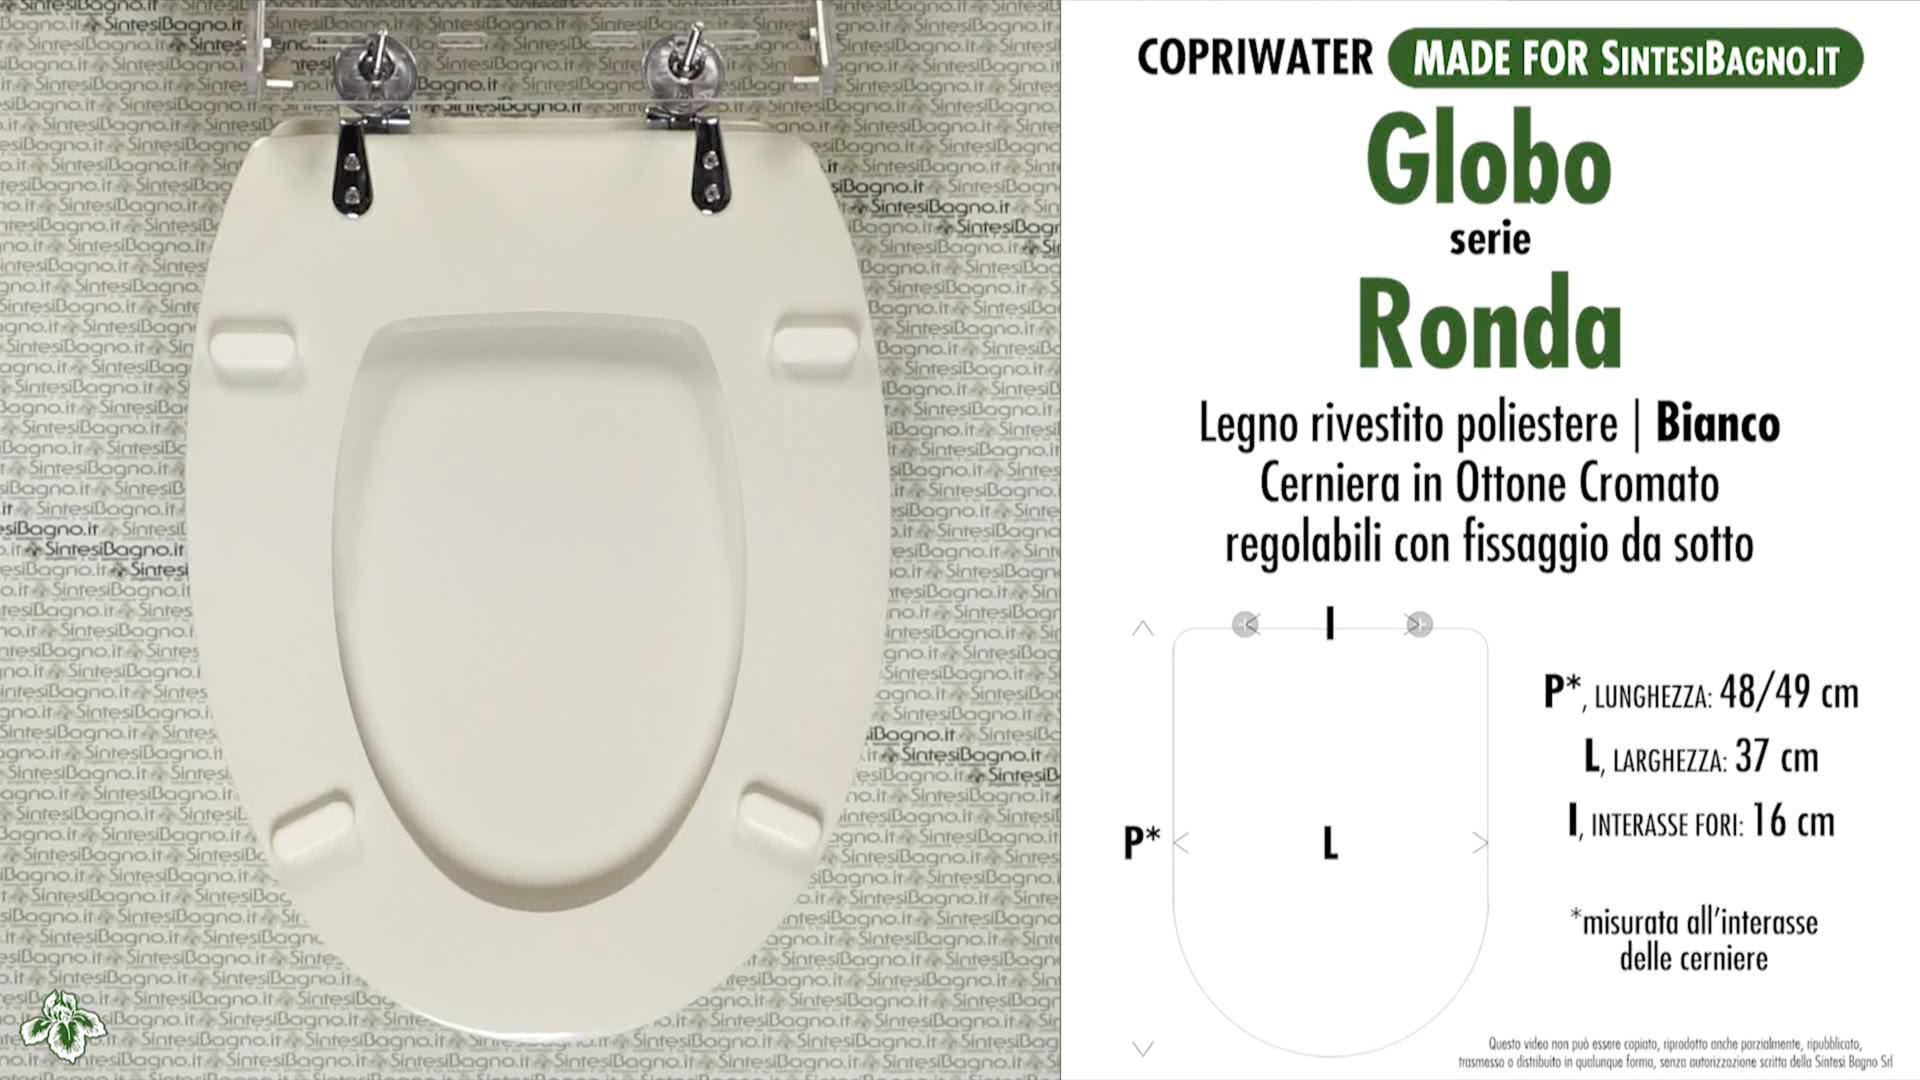 SCHEDA TECNICA MISURE copriwater GLOBO RONDA